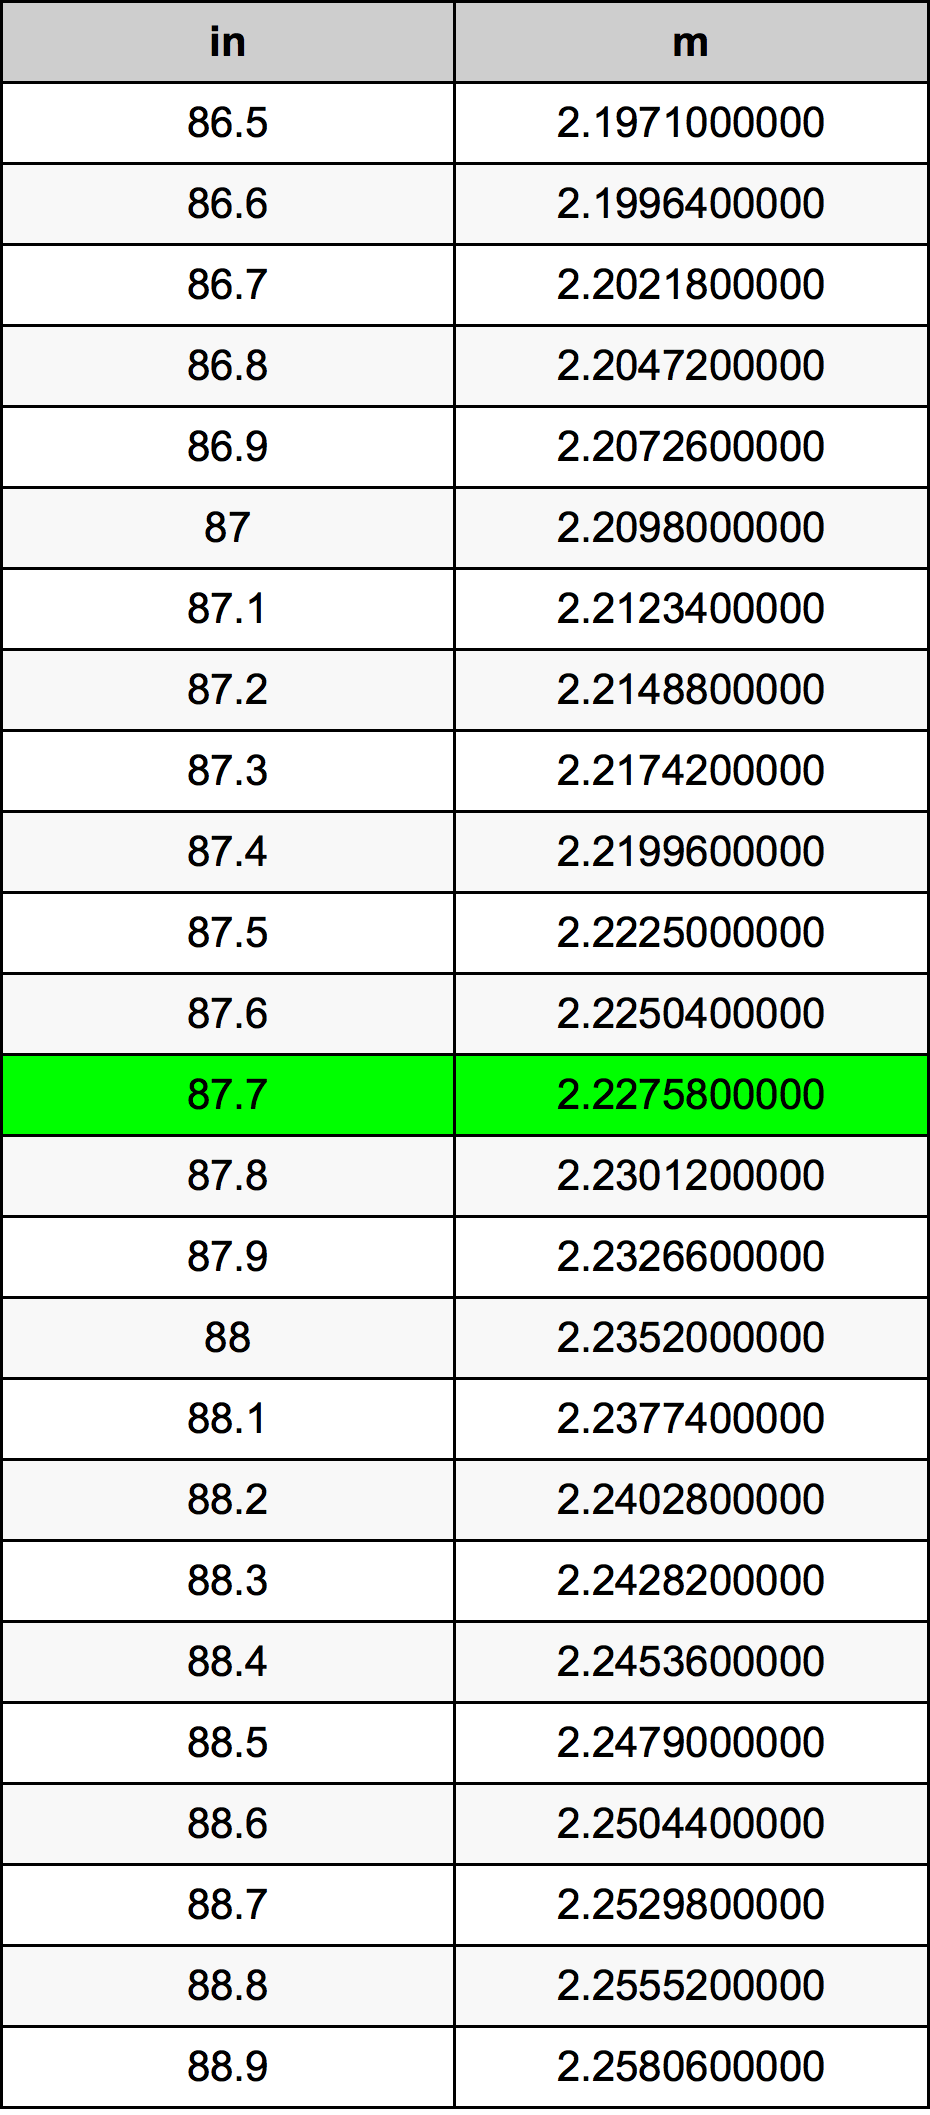 87.7 Polegada tabela de conversão